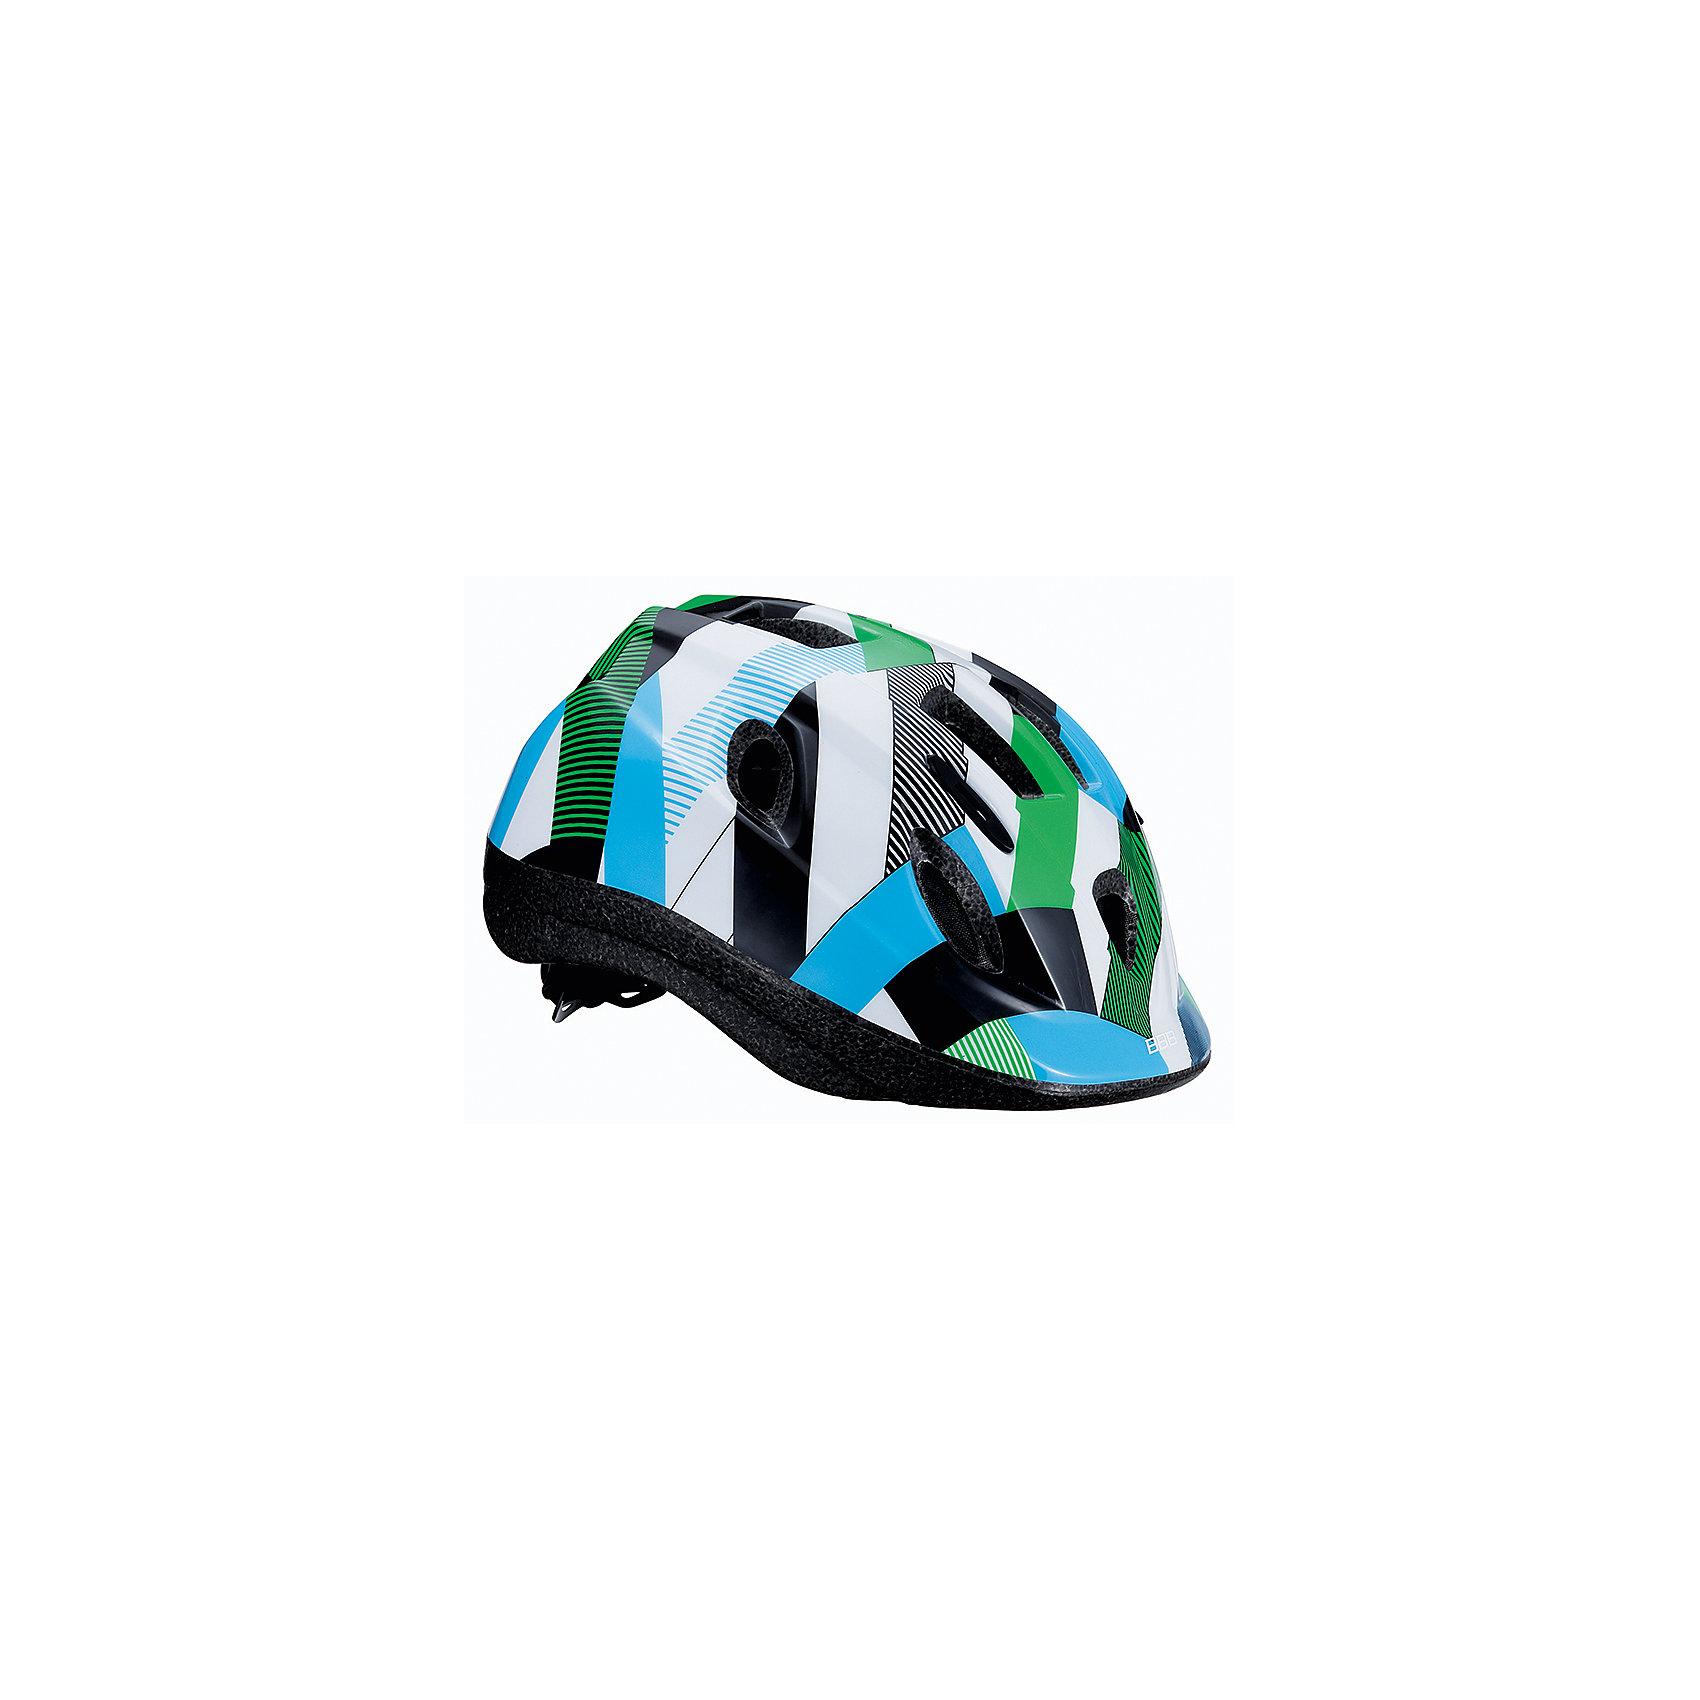 Летний шлем Boogy камуфляж зеленый, BBBЗащита, шлемы<br>Характеристики товара:<br><br>• возраст от 3 лет;<br>• материал: ударопрочный пластик;<br>• 12 вентиляционных отверстий<br>• светоотражающие элементы сзади<br>• размер упаковки 27х24х18 см;<br>• вес упаковки 500 гр.;<br>• страна производитель: Китай.<br><br>Летний шлем Boogy Камуфляж зеленый ВВВ надежно защитит голову во время падения при езде на велосипеде. Ремешки шлема настраиваются индивидуально для комфортной посадки. 12 вентиляционных отверстий на корпусе обеспечивают хороший воздухообмен. Сетка в вентиляционных отверстиях защищает от насекомых. Мягкие накладки обладают антибактериальными свойствами, а также по мере необходимости снимаются для стирки. На задней части шлема расположены светоотражающие элементы для видимости в темное время суток. Шлем выполнен из ударопрочного материала.<br><br>Летний шлем Boogy Камуфляж зеленый ВВВ можно приобрести в нашем интернет-магазине.<br><br>Ширина мм: 270<br>Глубина мм: 240<br>Высота мм: 180<br>Вес г: 500<br>Цвет: зеленый<br>Возраст от месяцев: 96<br>Возраст до месяцев: 144<br>Пол: Унисекс<br>Возраст: Детский<br>Размер: 52-56,48-54<br>SKU: 5566008